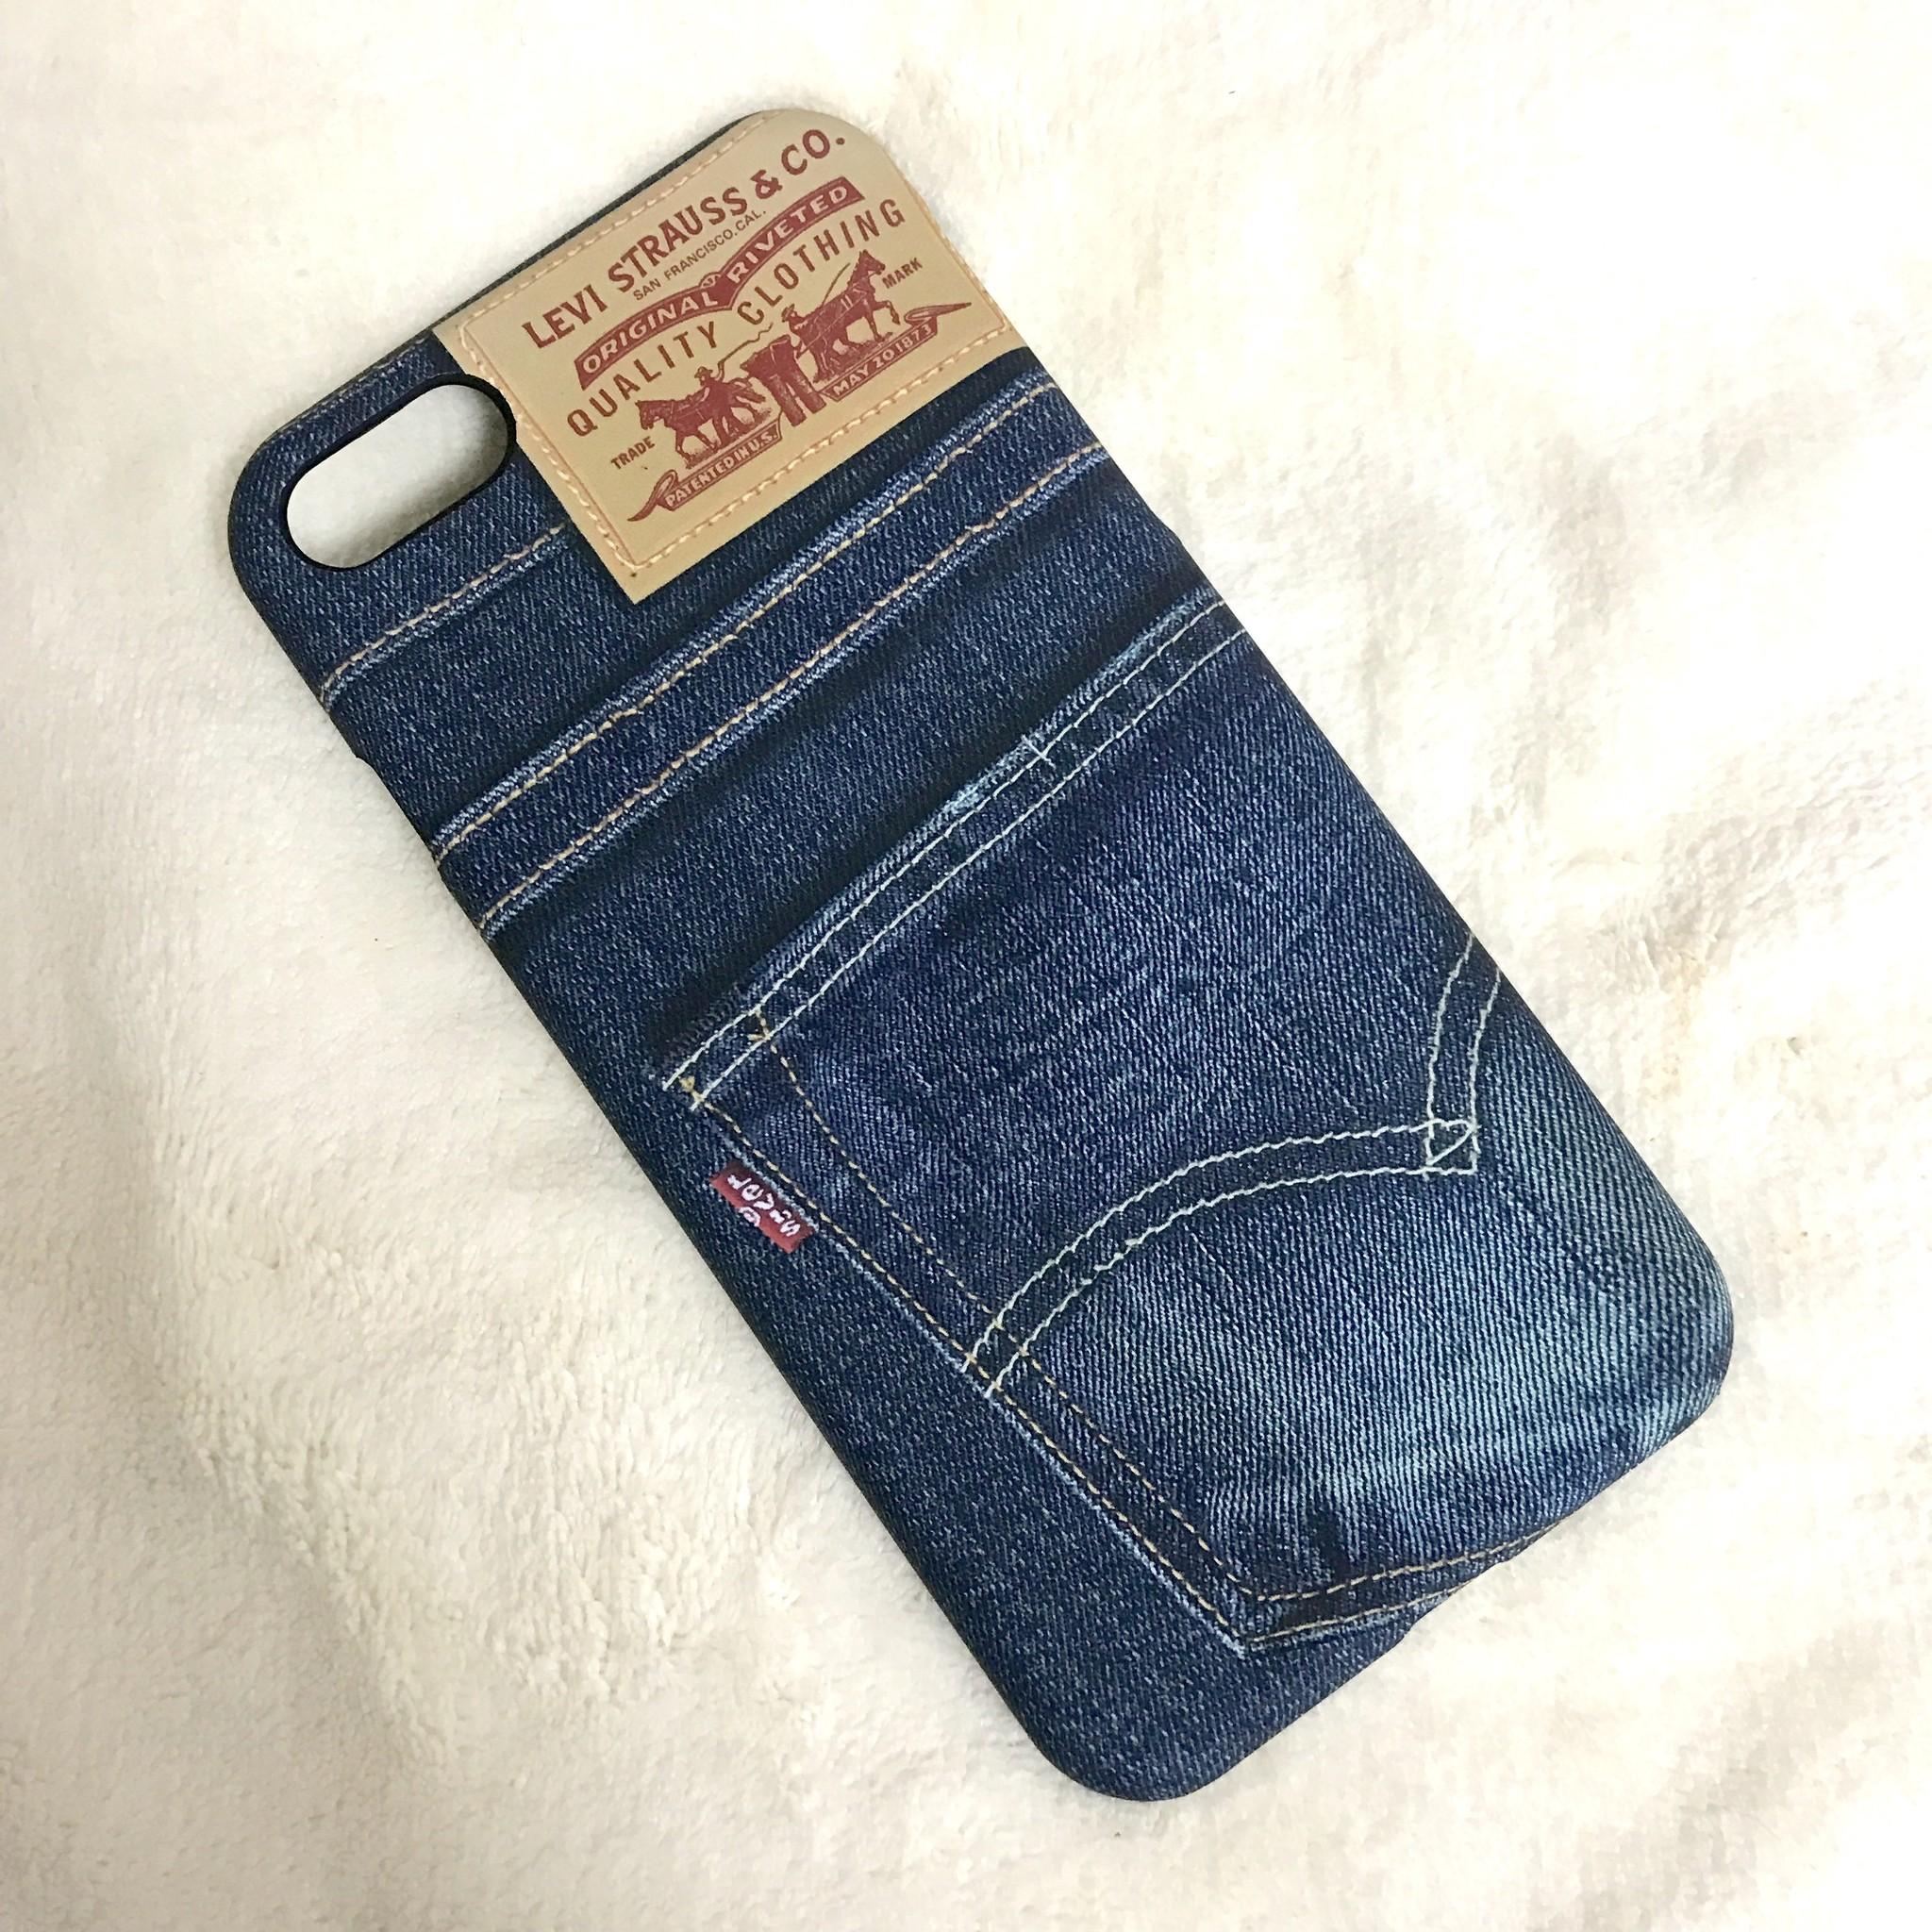 まるで本物のデニム生地!?つい触りたくなるジーンズ風iPhoneケース